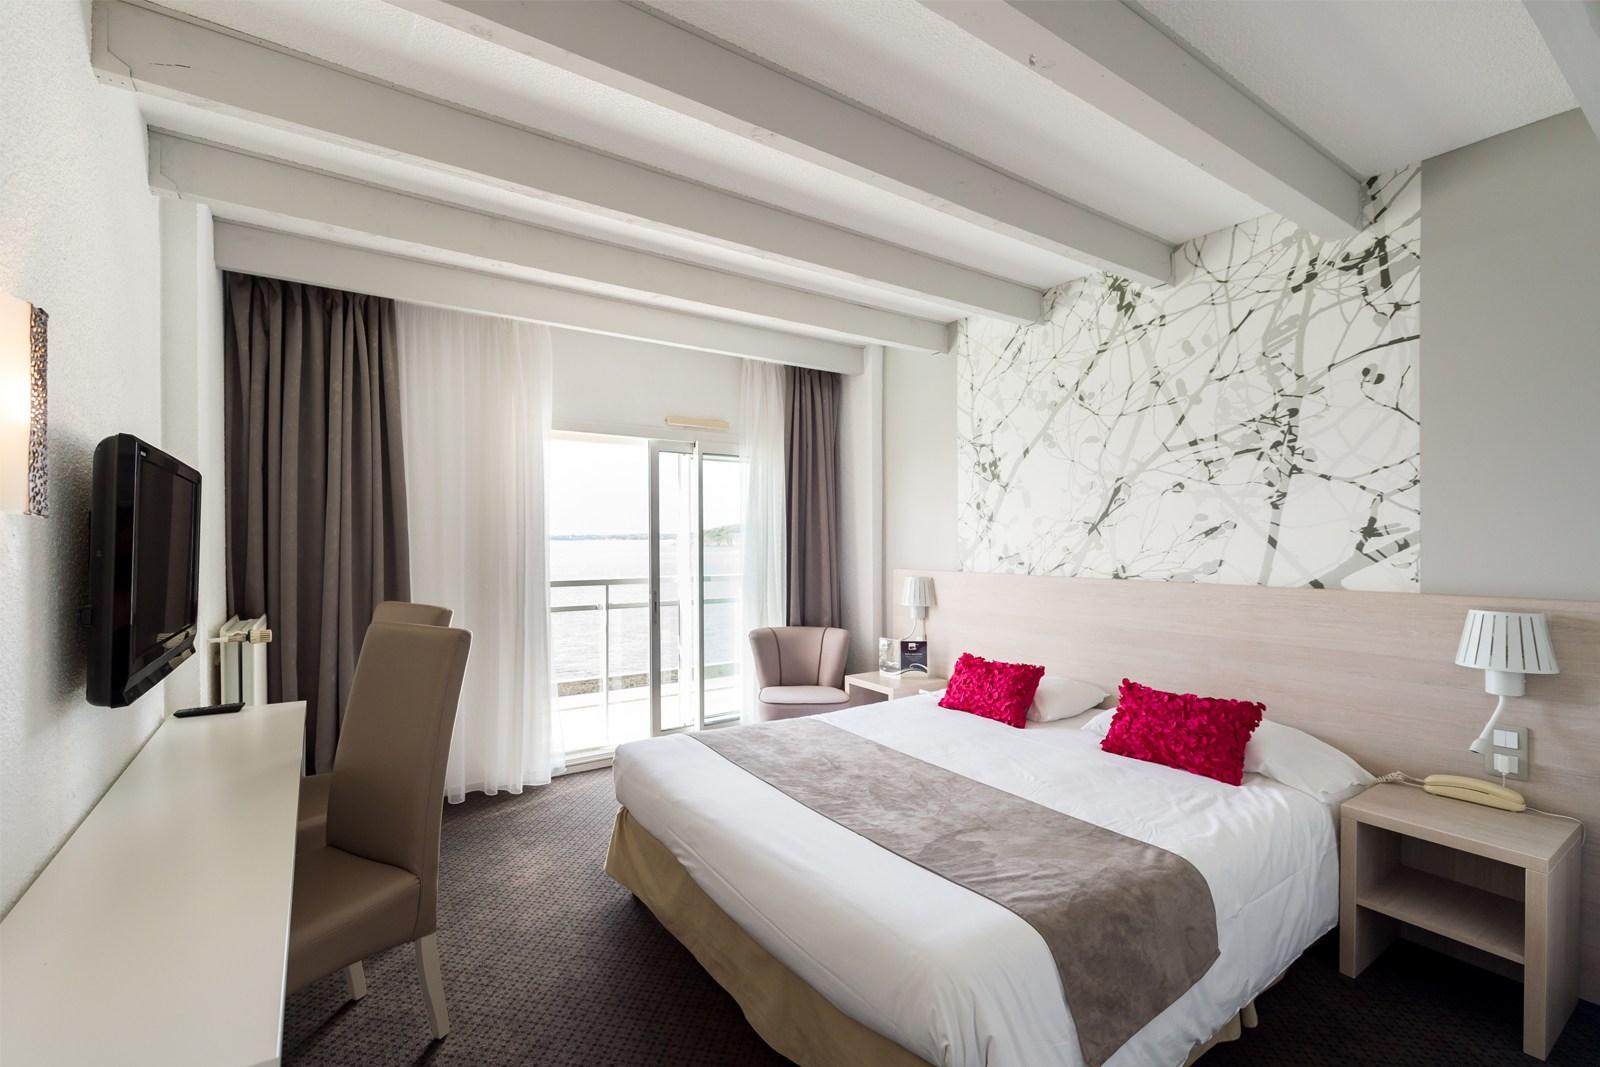 meubles pour chambre d'hotel exemple